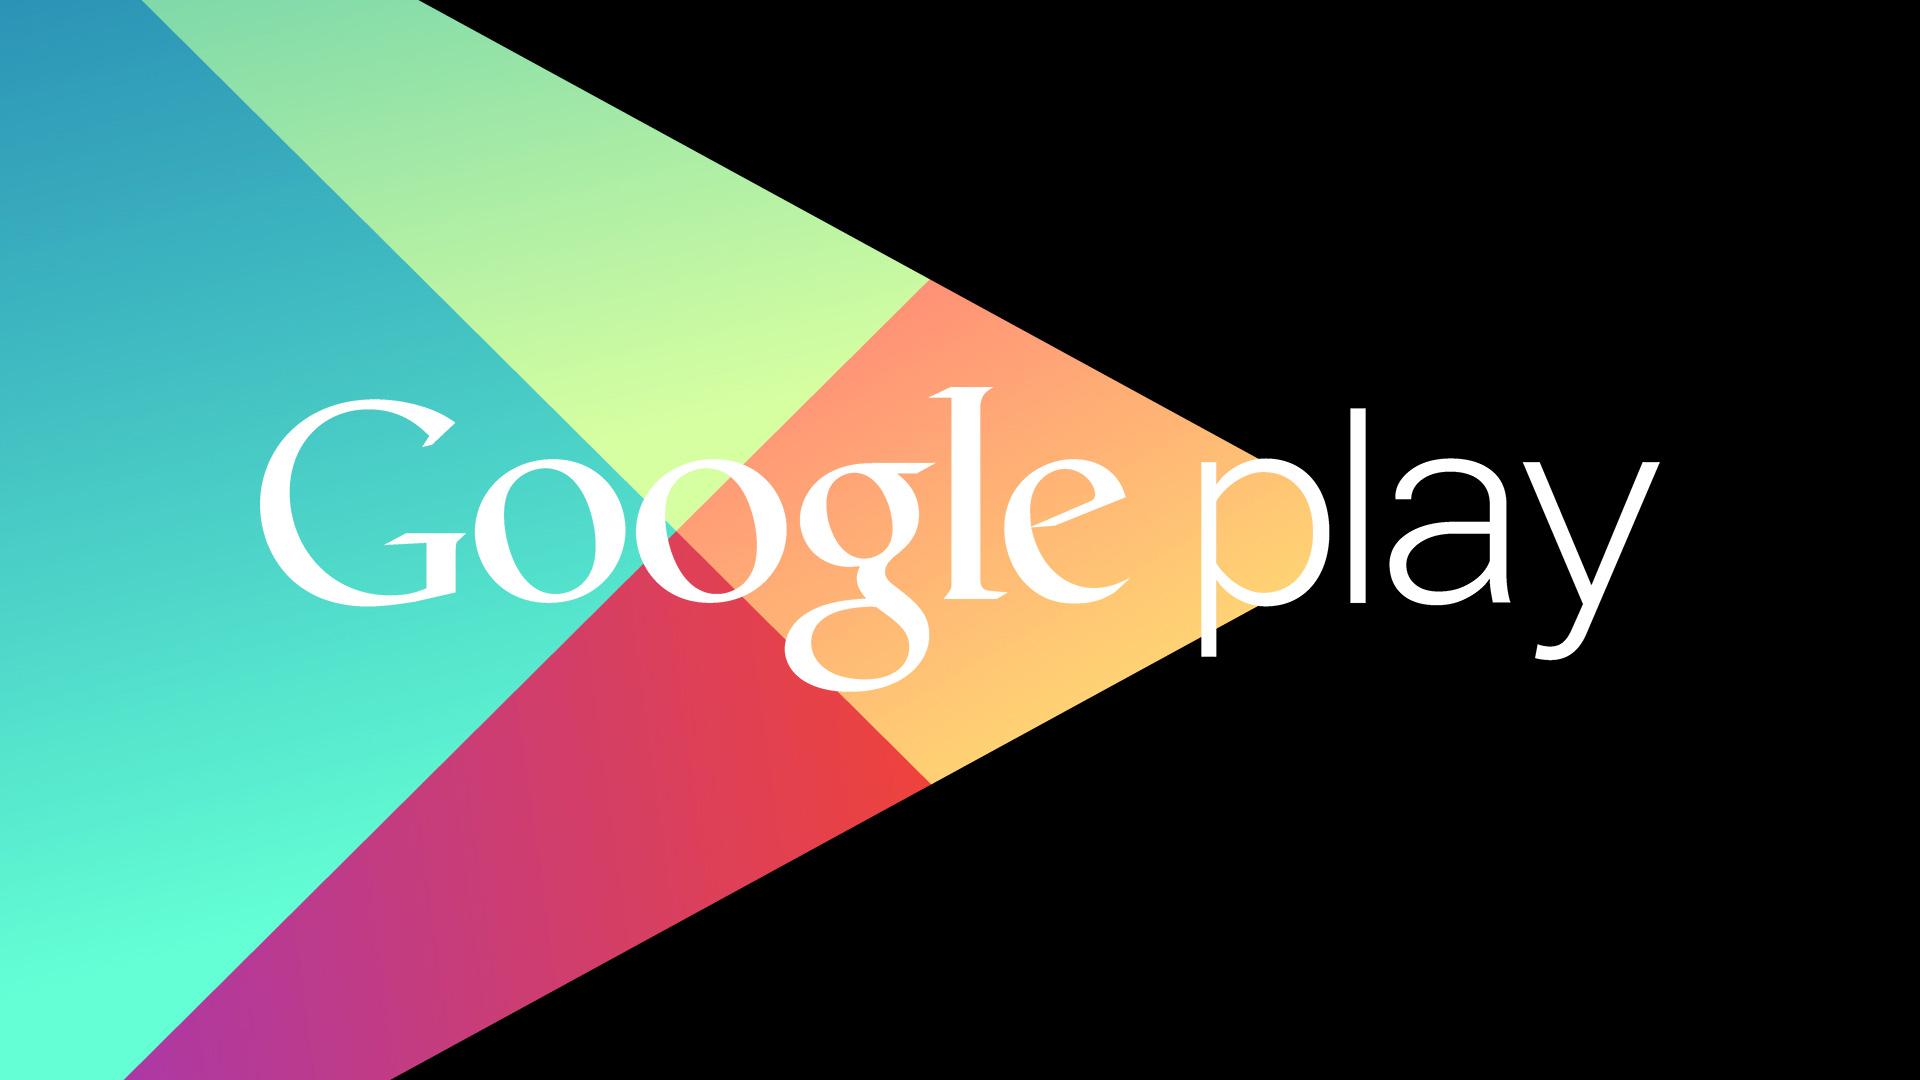 نگاهی بهظاهر جدید رابط کاربری فروشگاه گوگل پلی داشته باشید